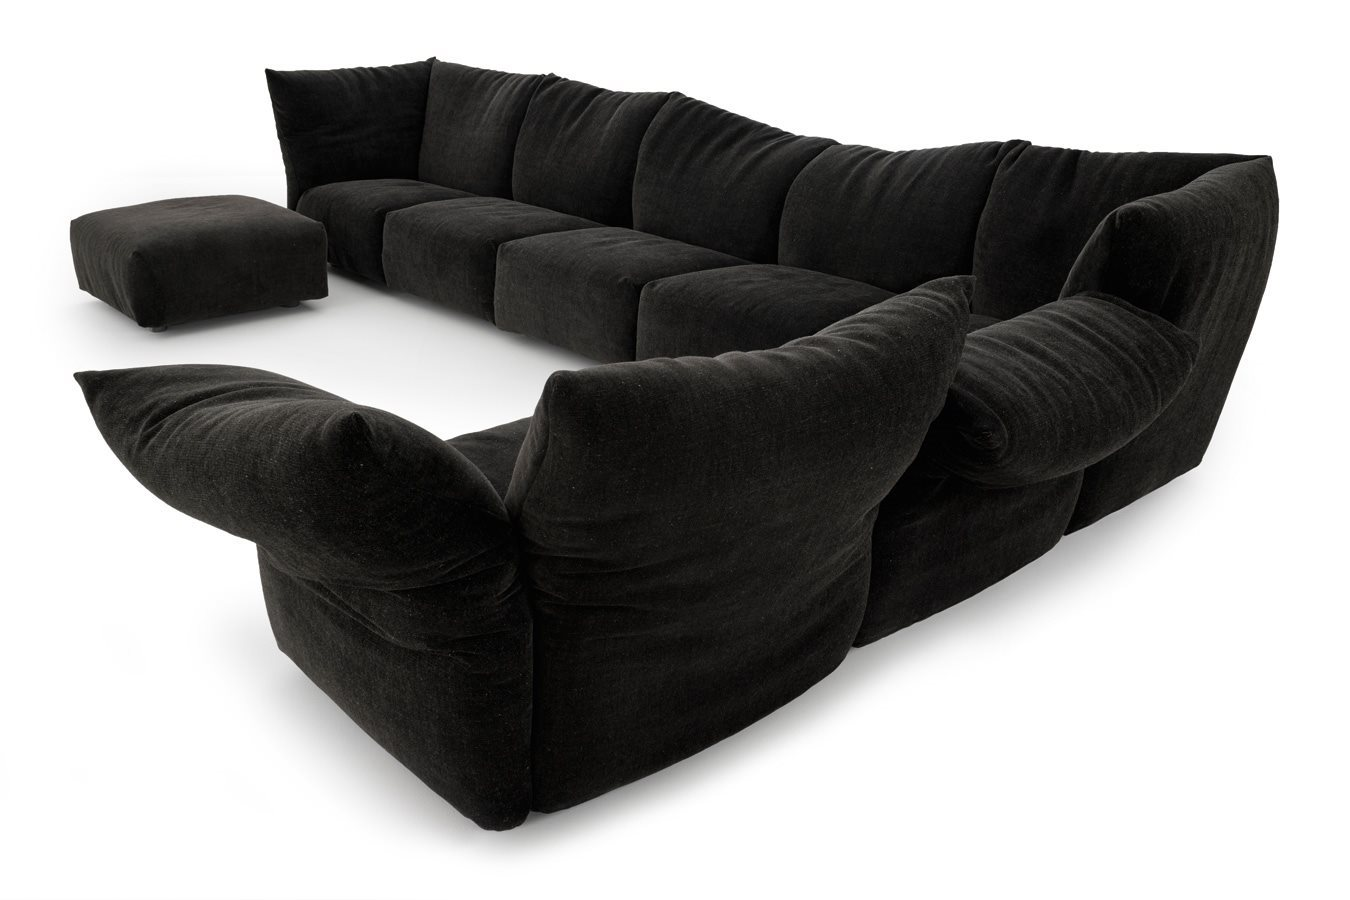 Full Size of Sofa Zweisitzer Designwebstore Standard Günstiges Franz Fertig Groß Günstige Dreisitzer 3 Sitzer Brühl Verkaufen Leinen Schlafsofa Liegefläche 160x200 Led Sofa Sofa Zweisitzer